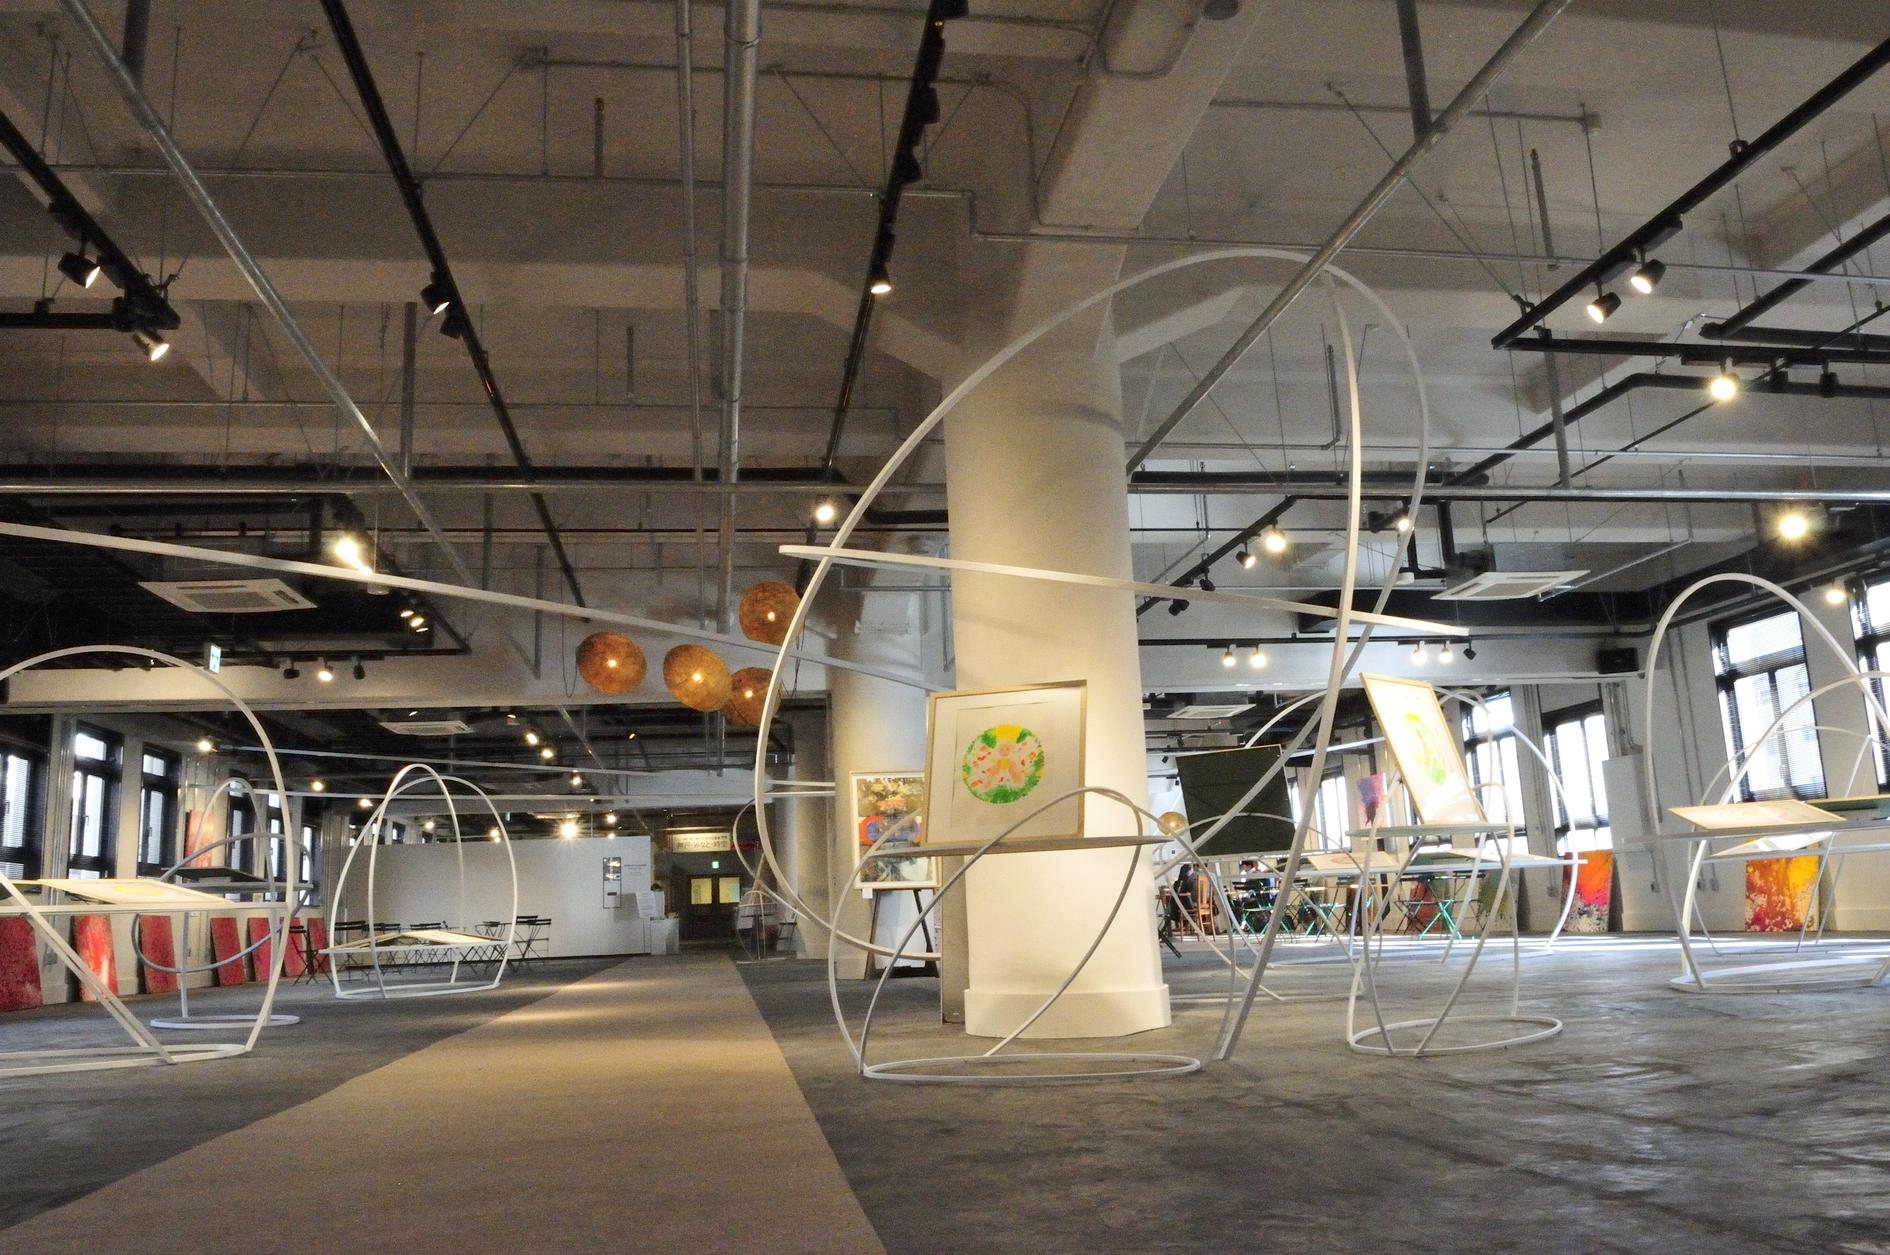 神戸・三宮から20分 最大300名が利用できるイベントスペース/展示会・イベント・講演会に最適!(最大300名が利用できるイベントスペース/展示会・イベント・講演会に最適!) の写真0